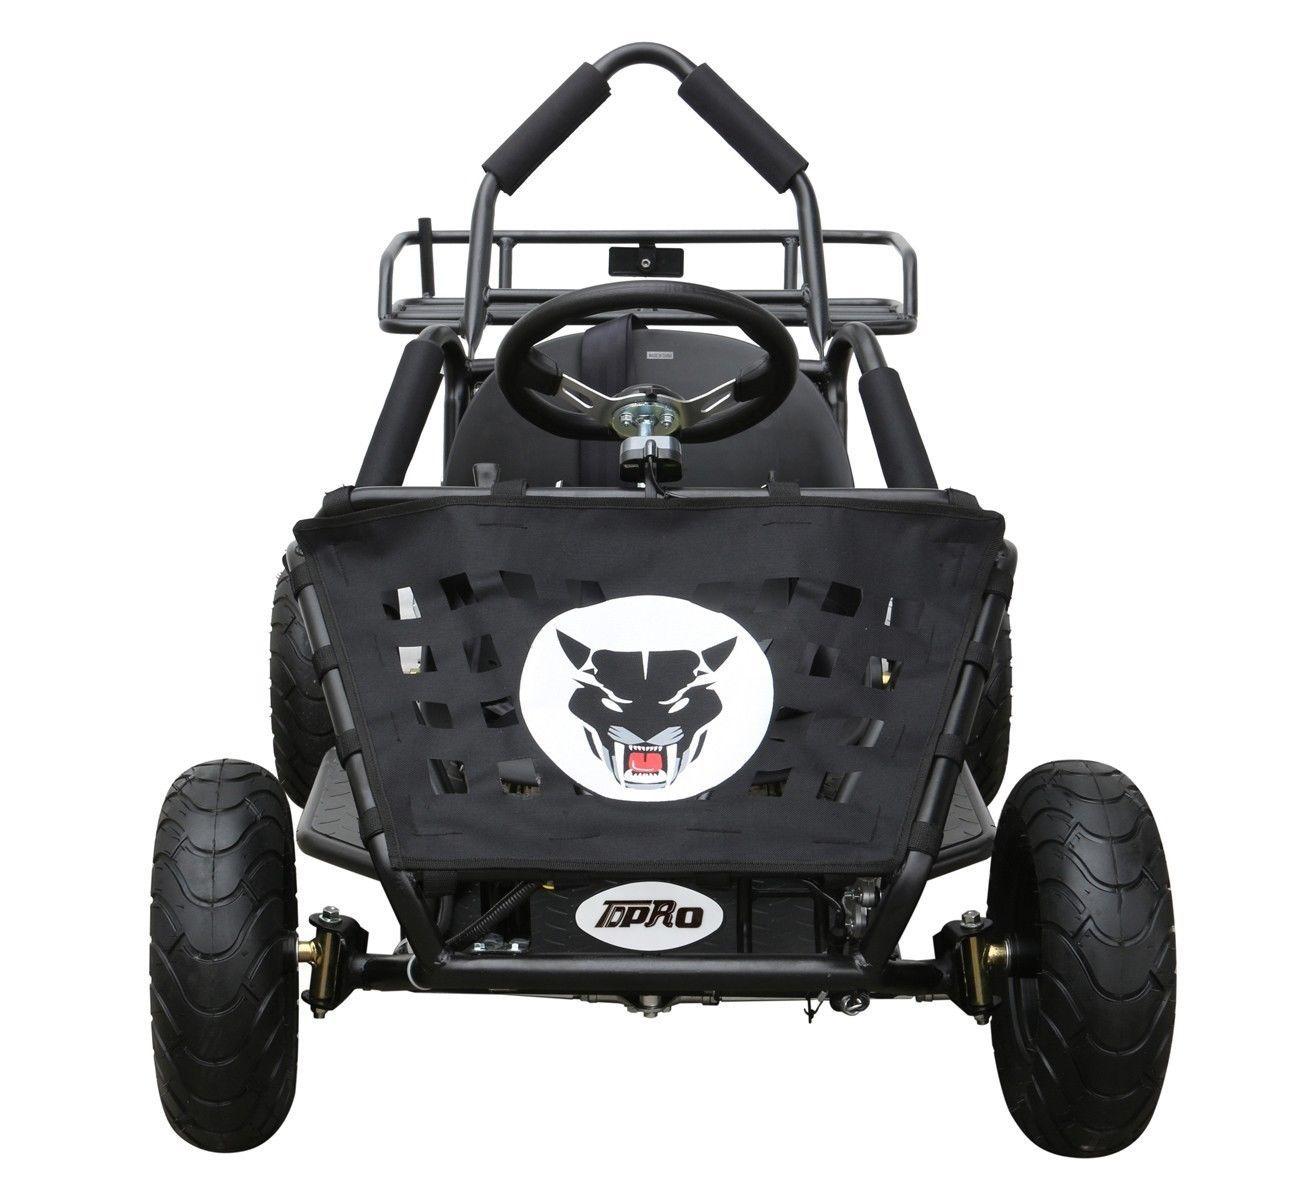 Off Road Electric Go Kart   Survival   Pinterest   Go kart, Electric ...